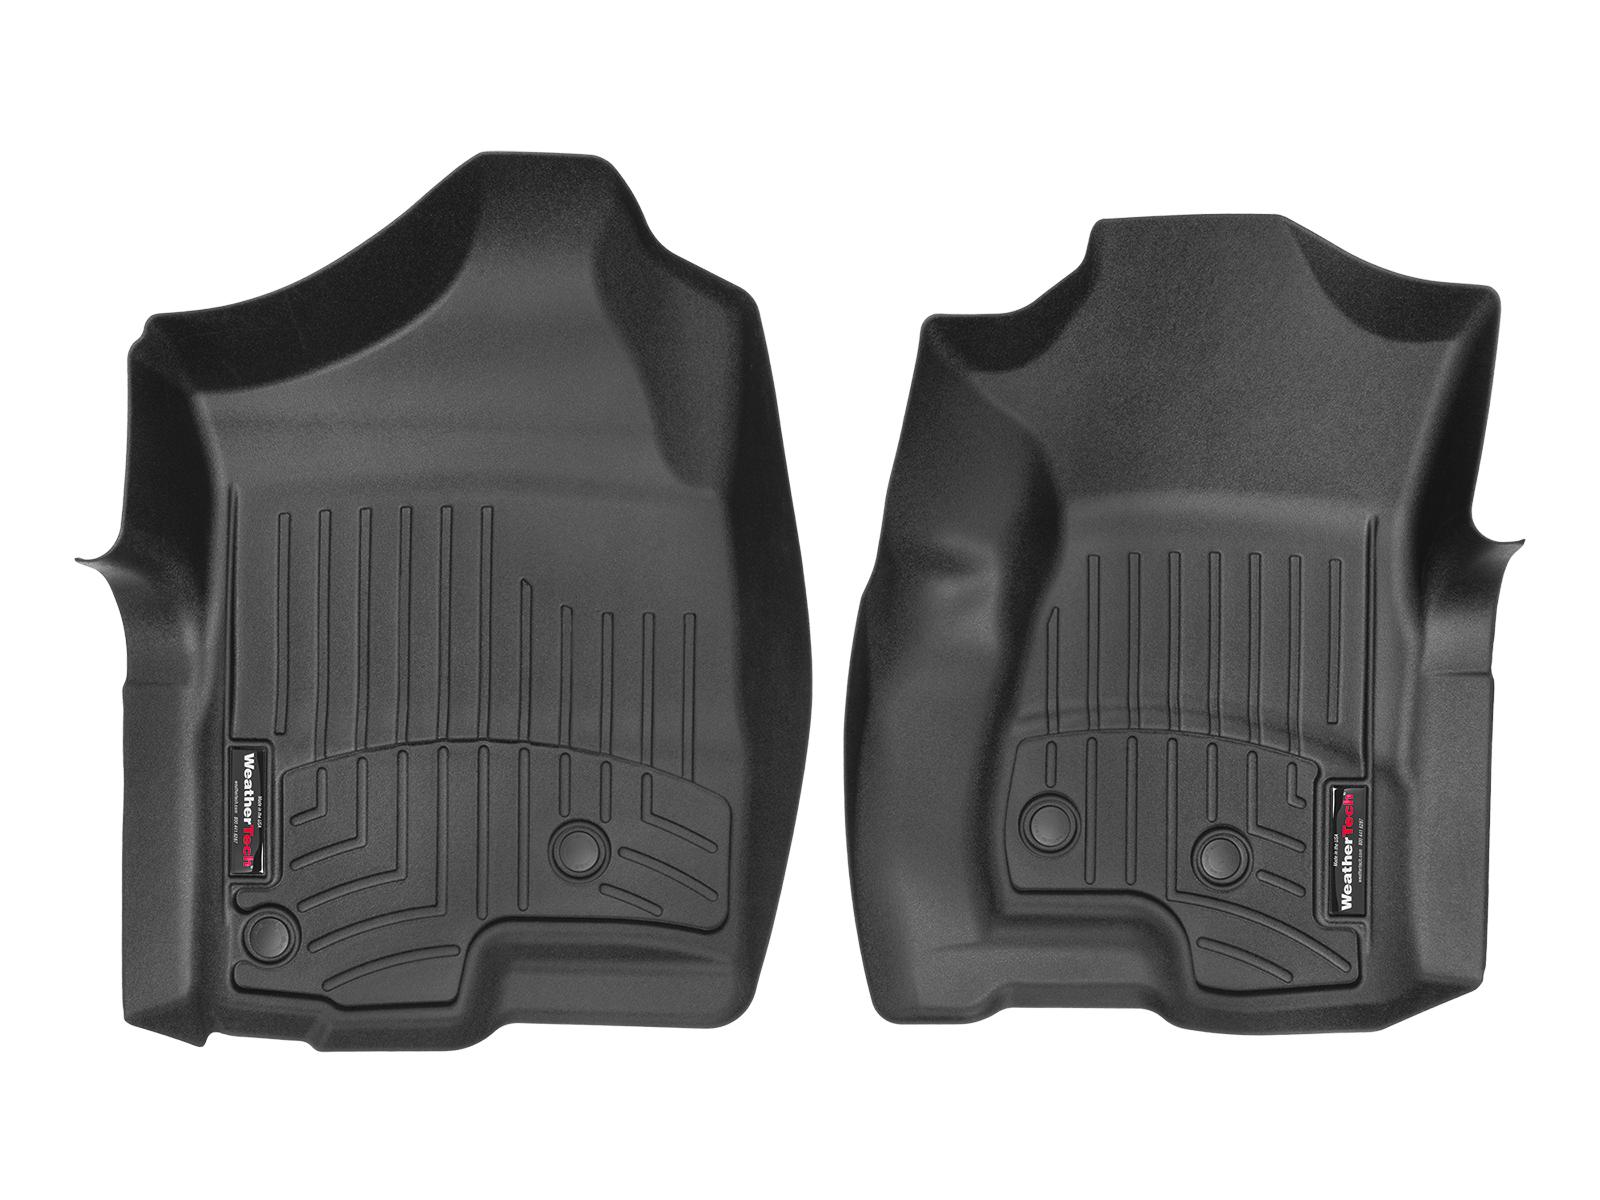 Tappeti gomma su misura bordo alto Chevrolet Silverado 01>06 Nero A154